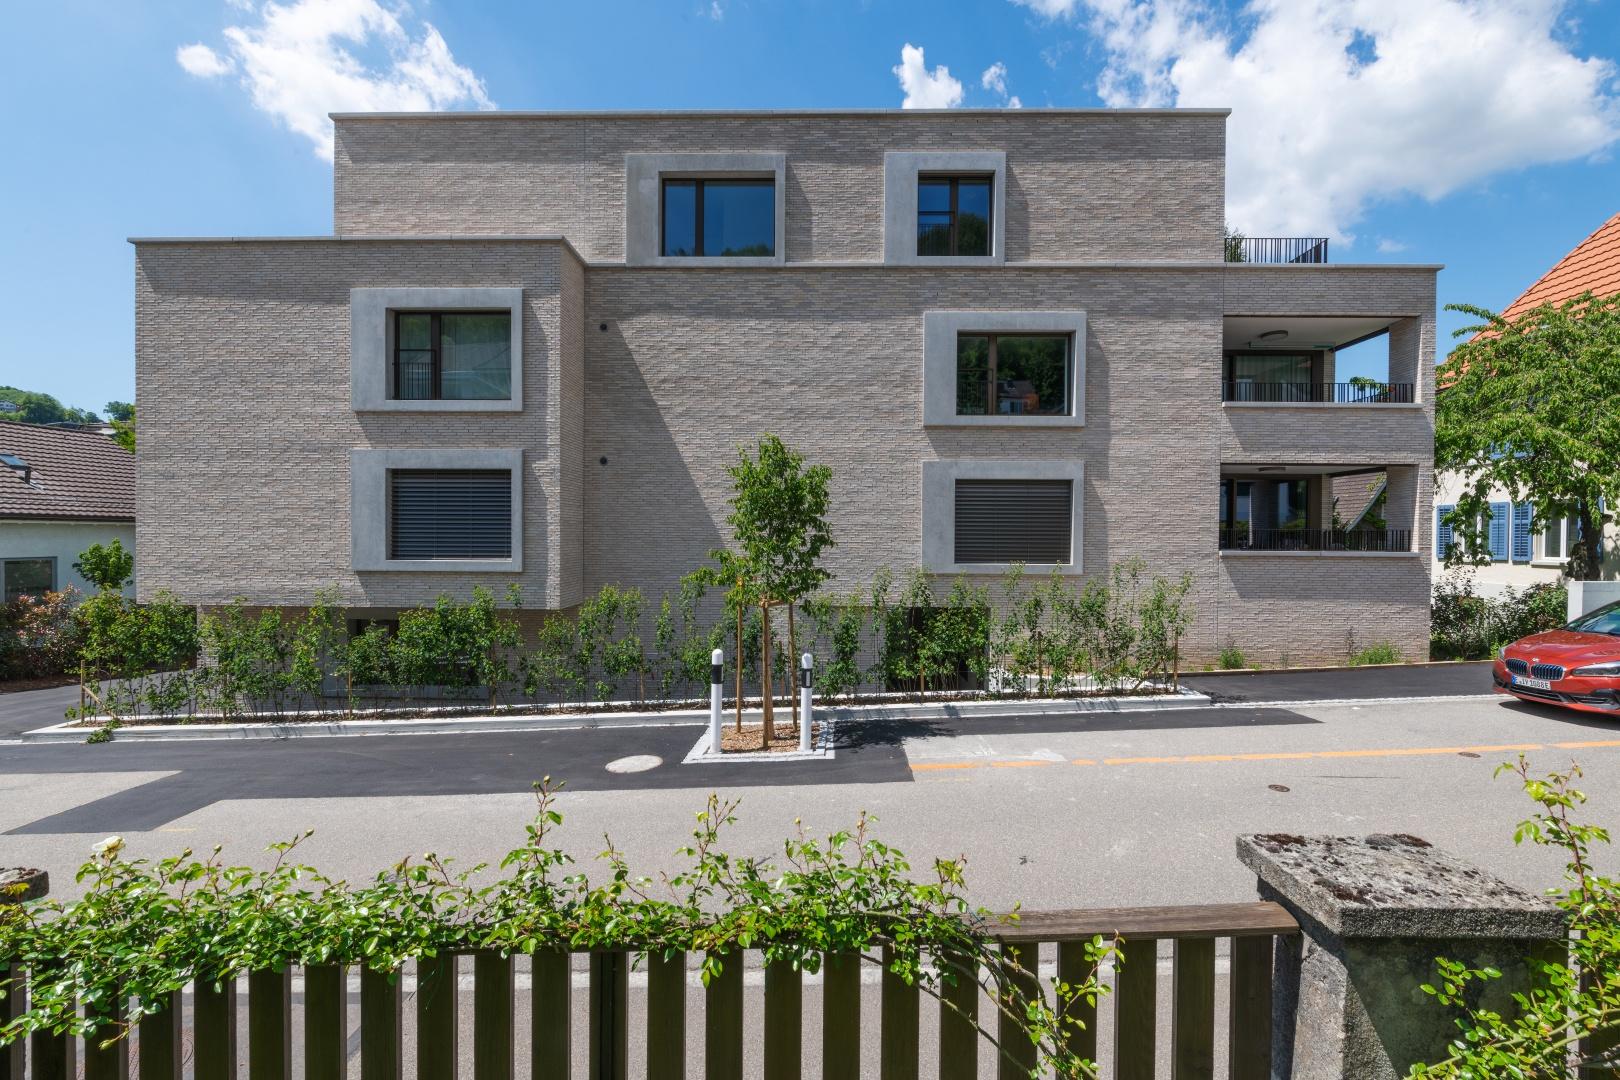 Ansicht von Südosten (Zugangsseite) © René Rötheli • Atelier für Fotografie • CH - 5400 Baden